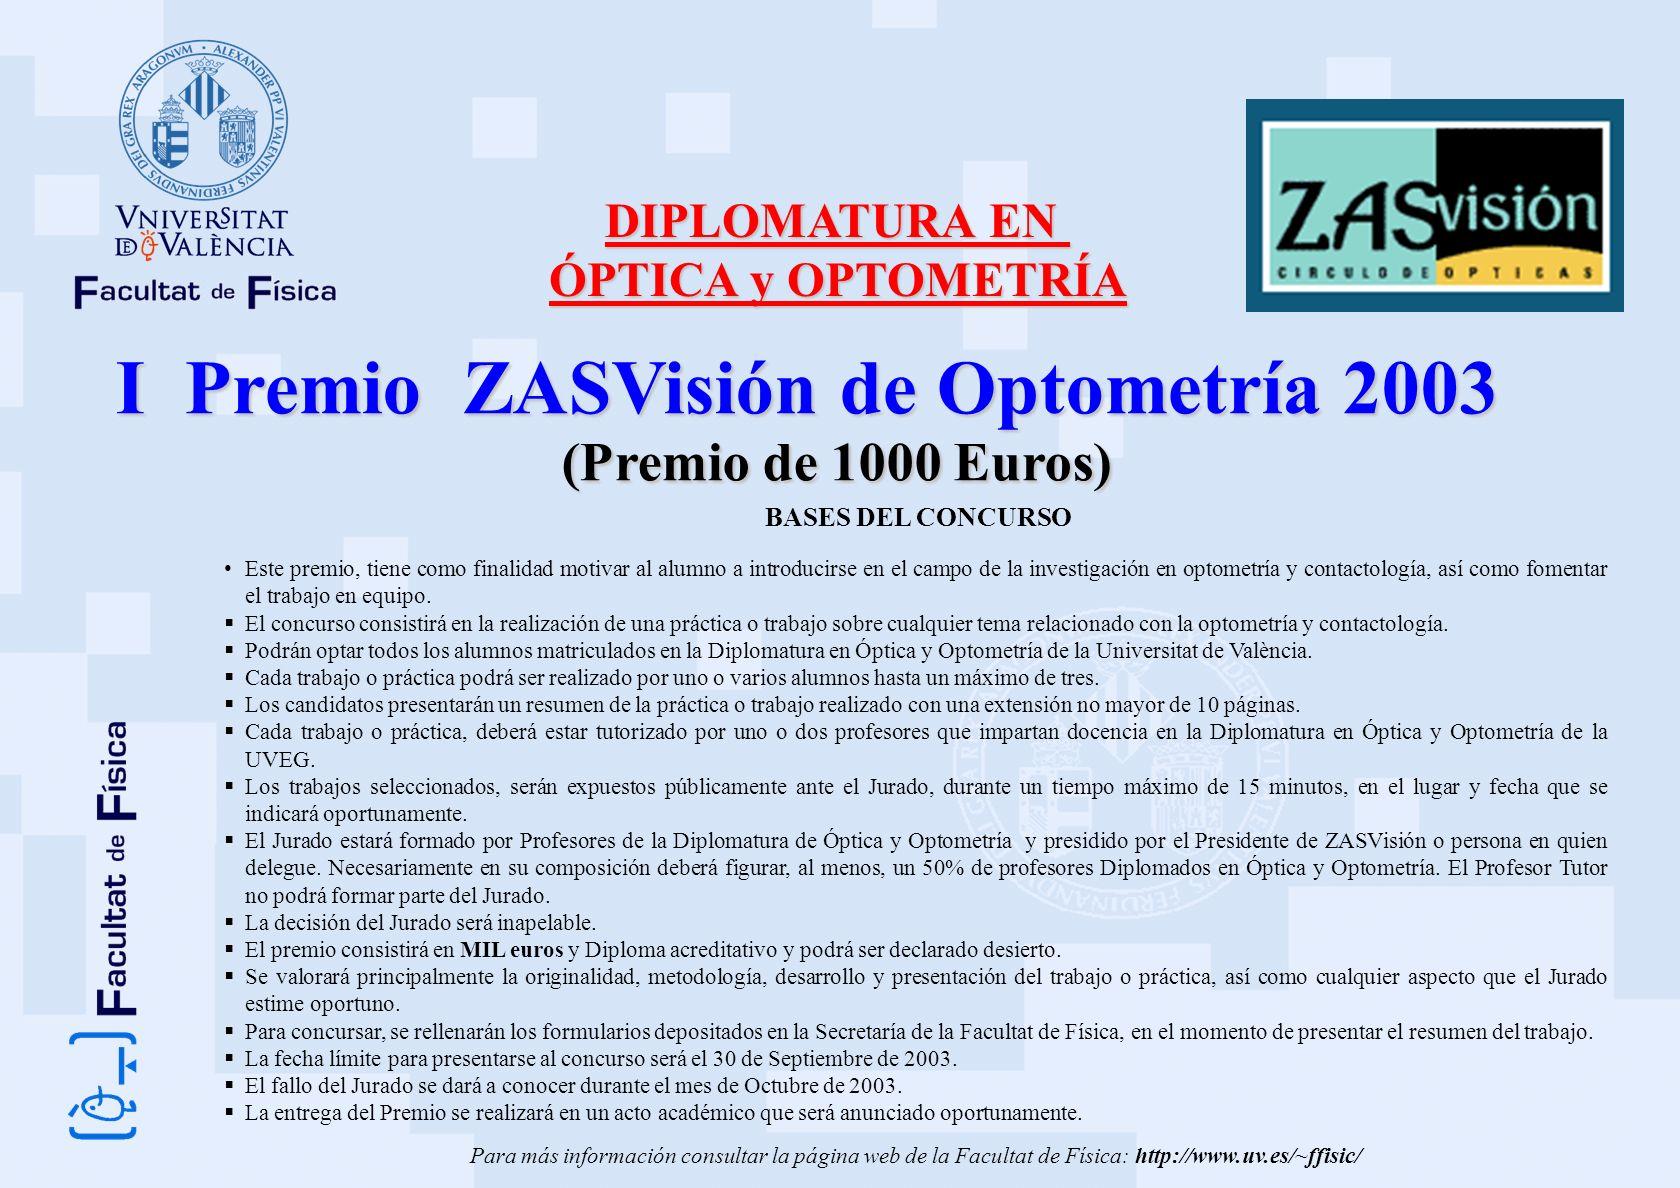 I Premio ZASVisión de Optometría 2003